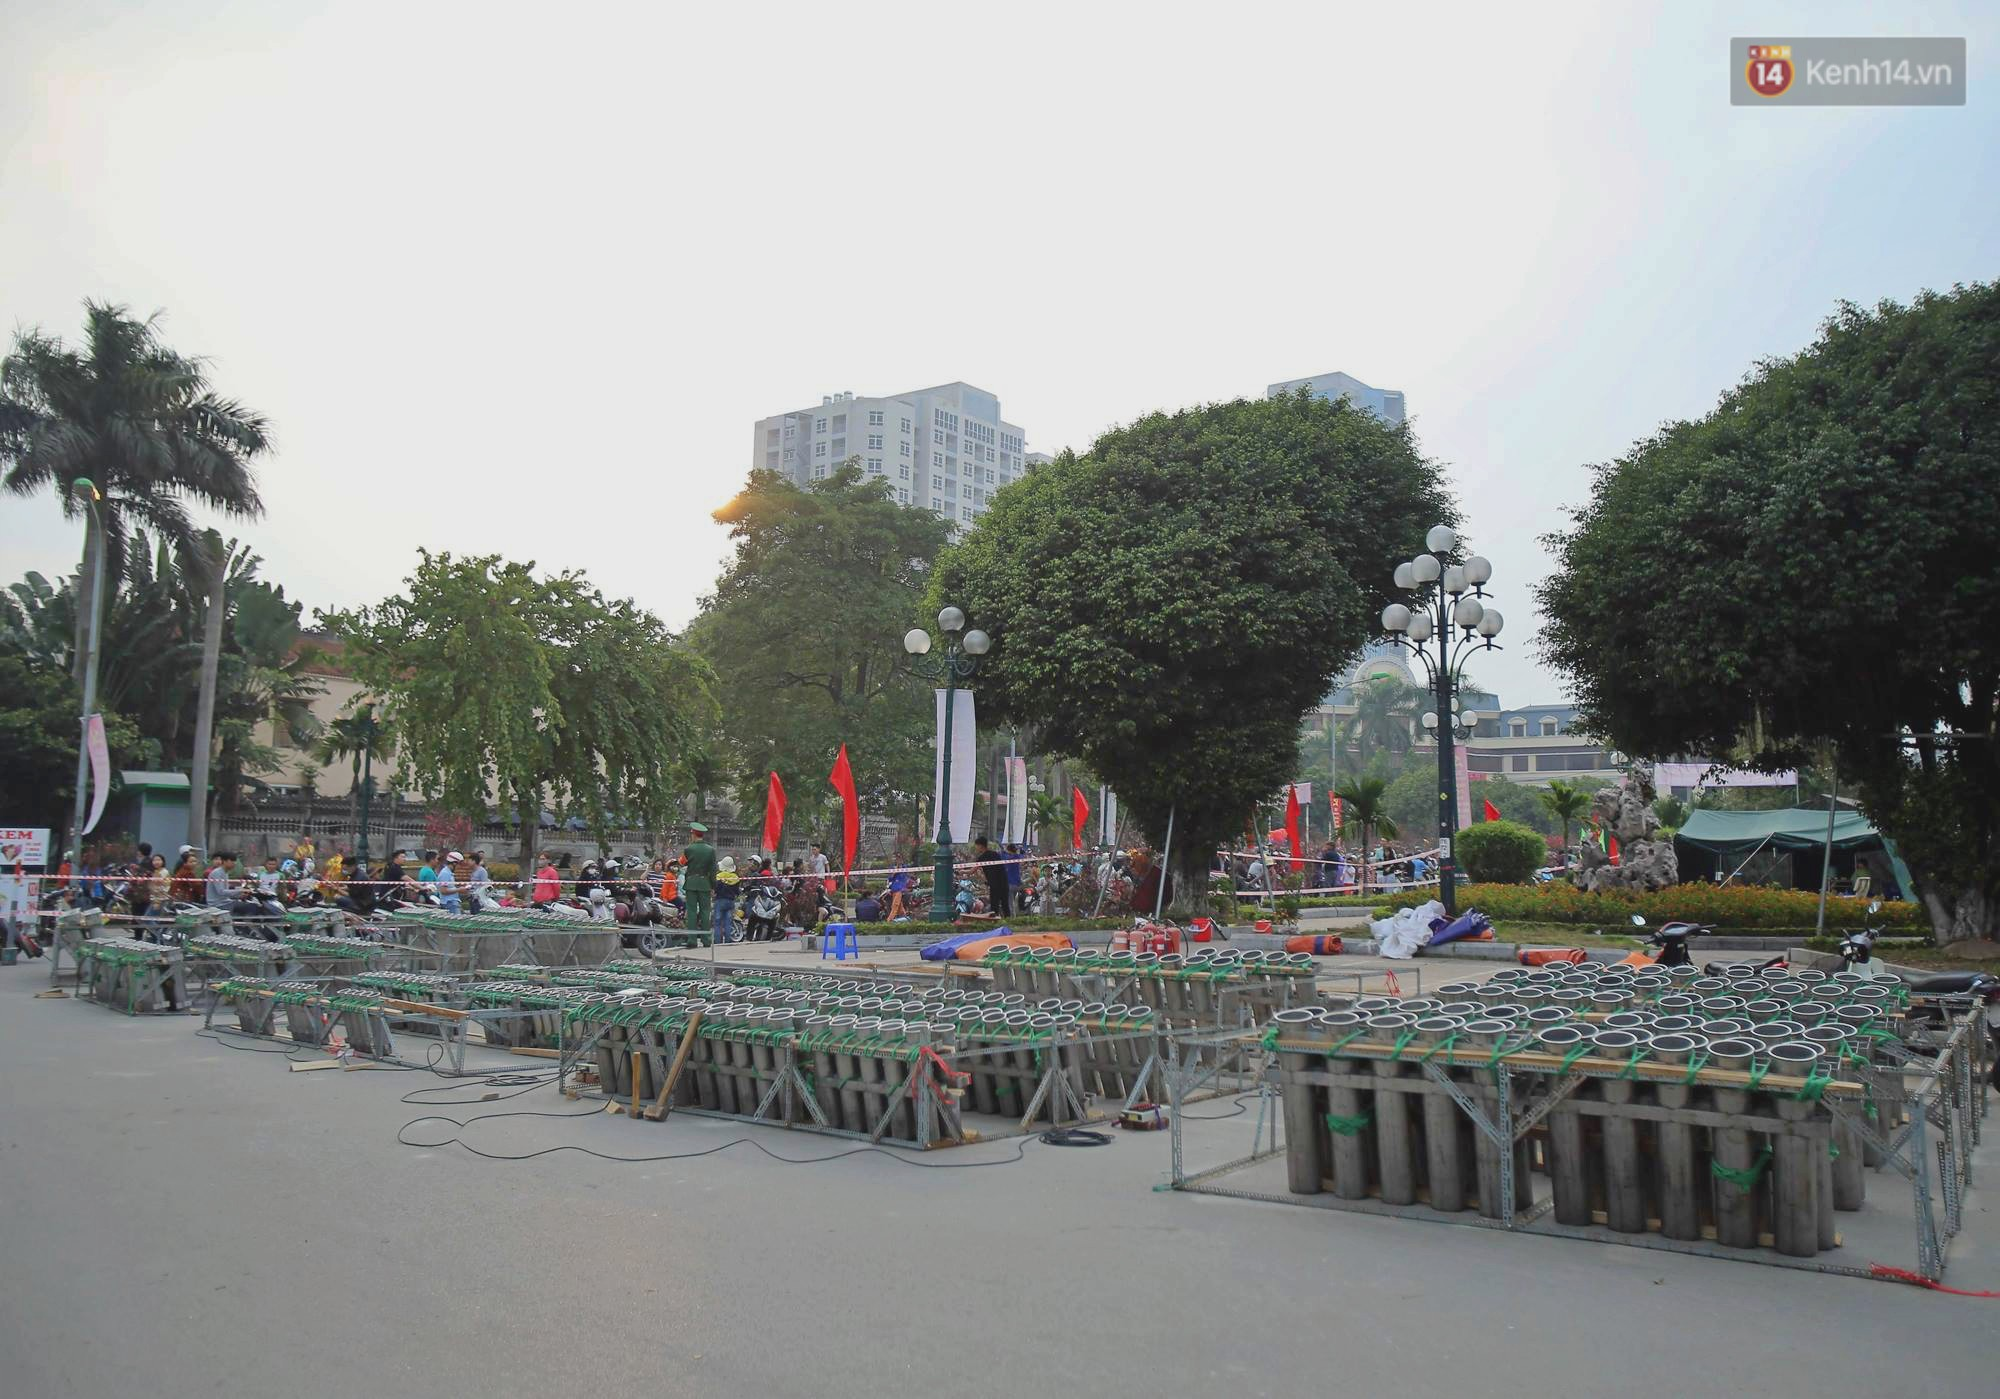 Hà Nội: Trận địa pháo hoa tại Hồ Tây đang tất bật chuẩn bị để chờ đón phút giây giao thừa - Ảnh 1.